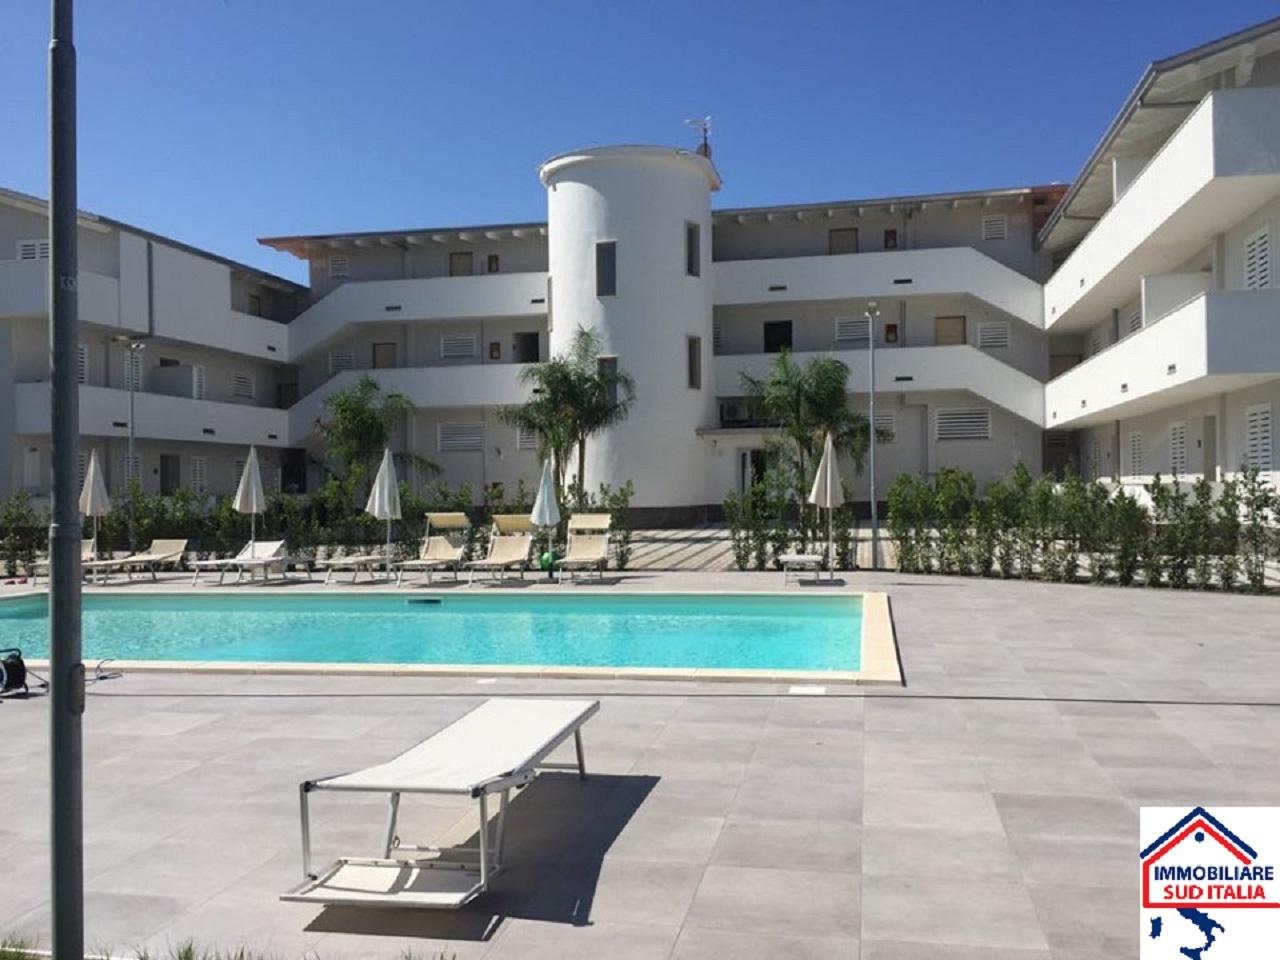 Appartamento in affitto a Giugliano in Campania, 2 locali, zona Zona: Varcaturo, prezzo € 450 | CambioCasa.it